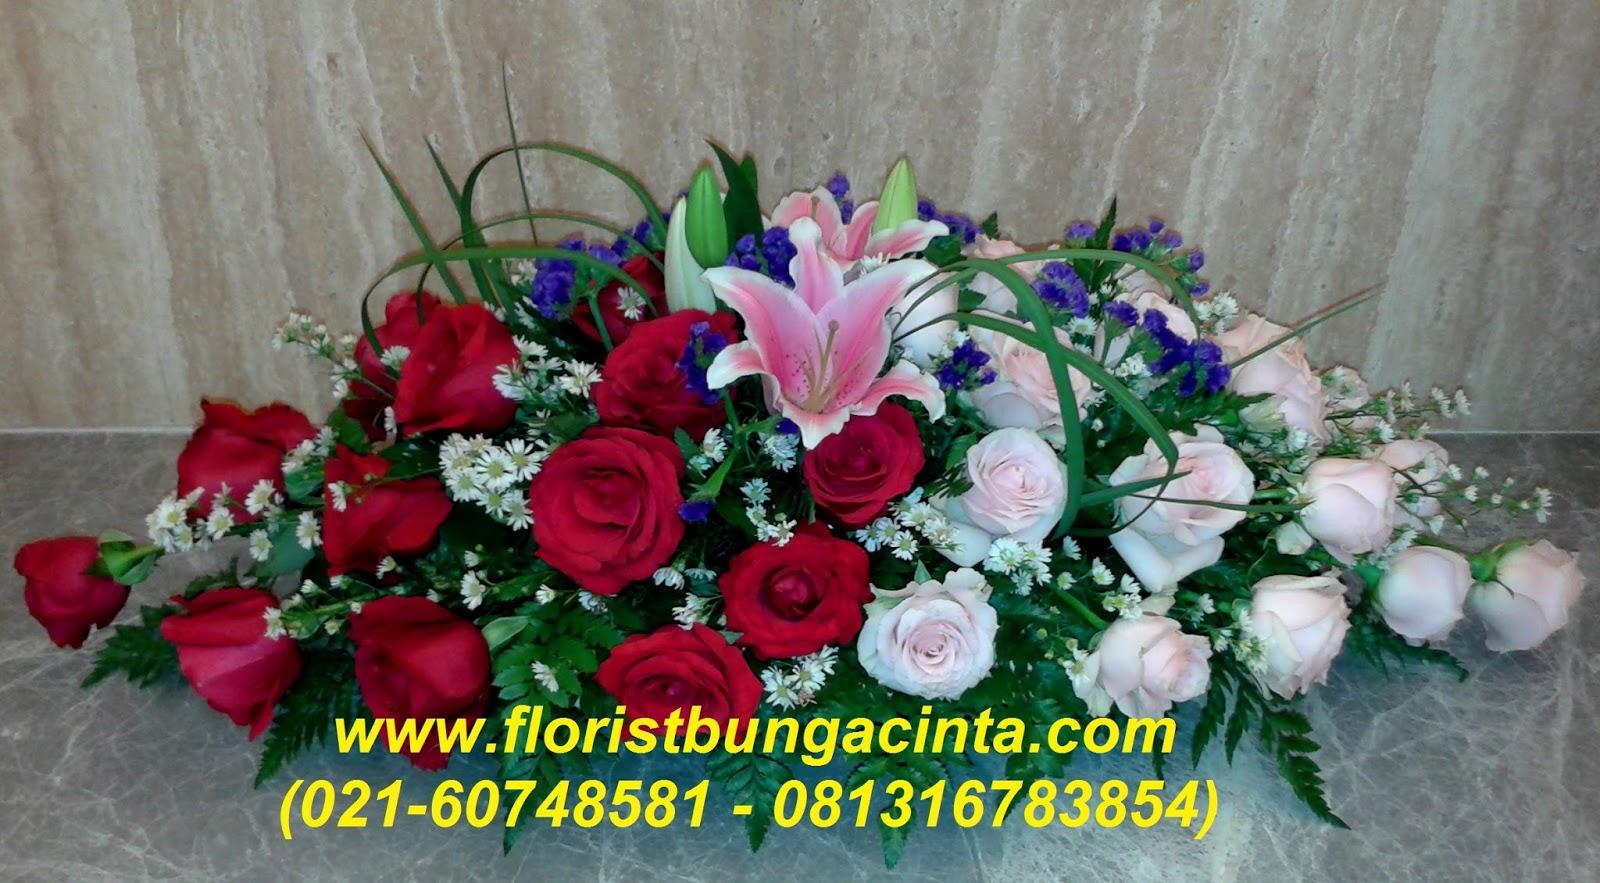 Online florist shop